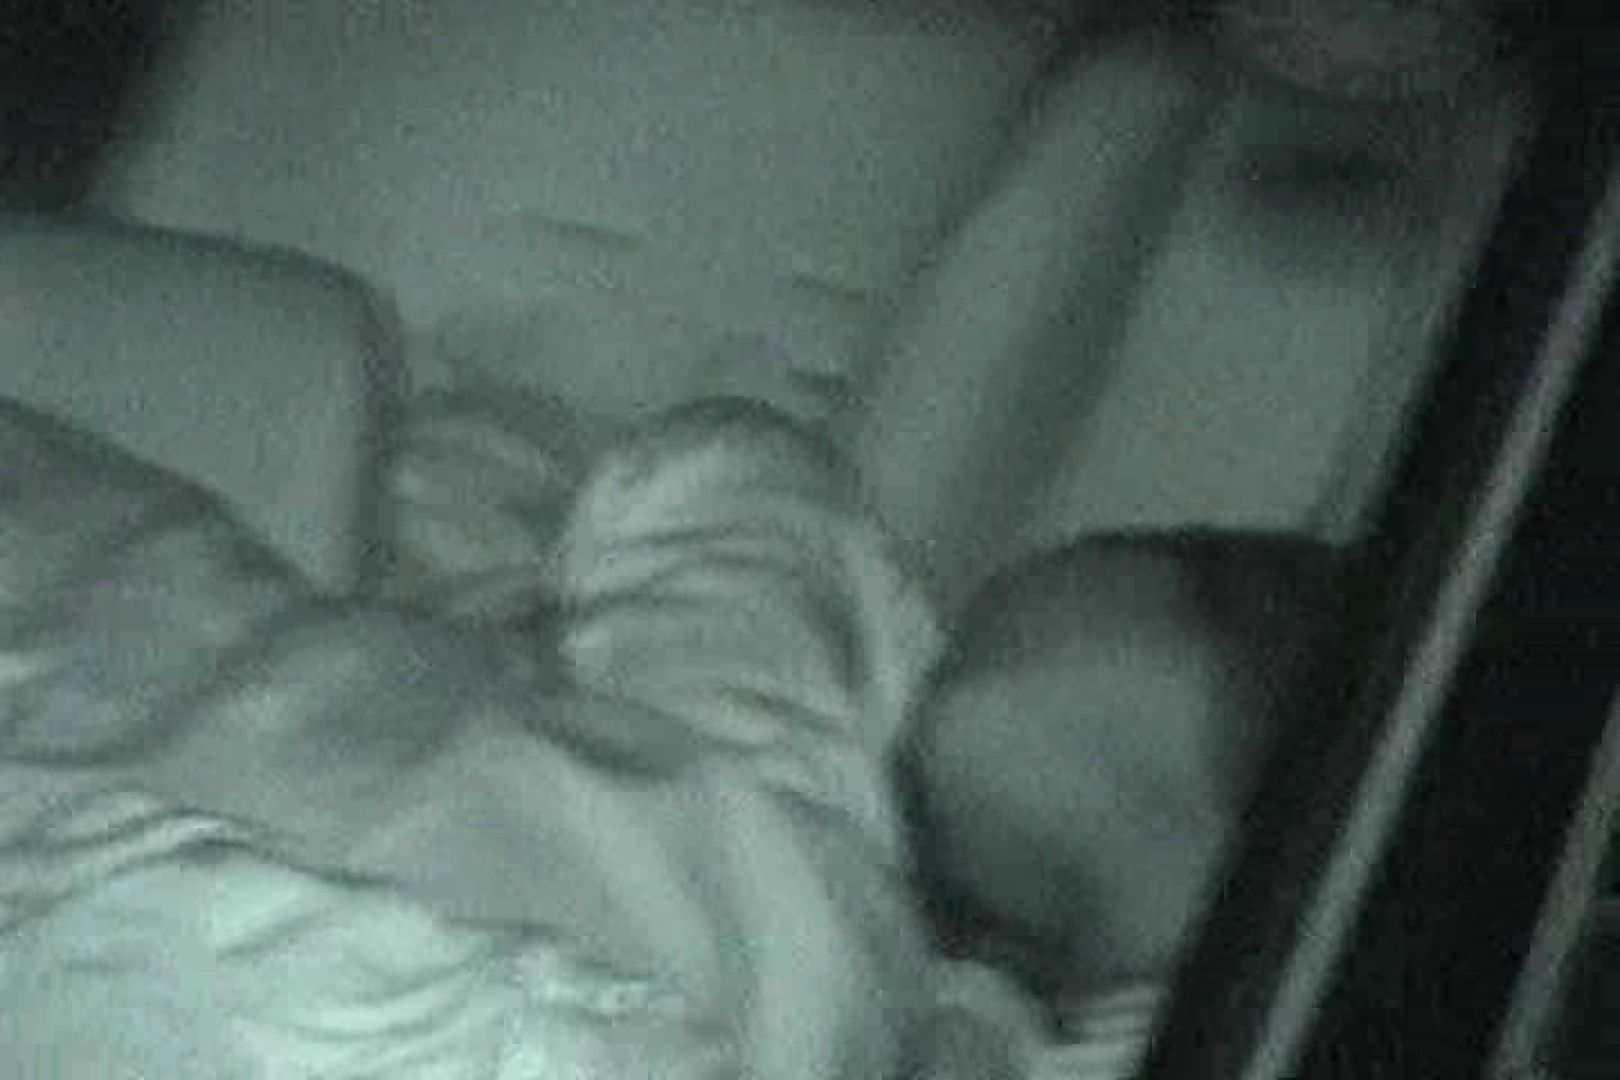 充血監督の深夜の運動会Vol.103 OLの実態 覗き性交動画流出 92pic 66